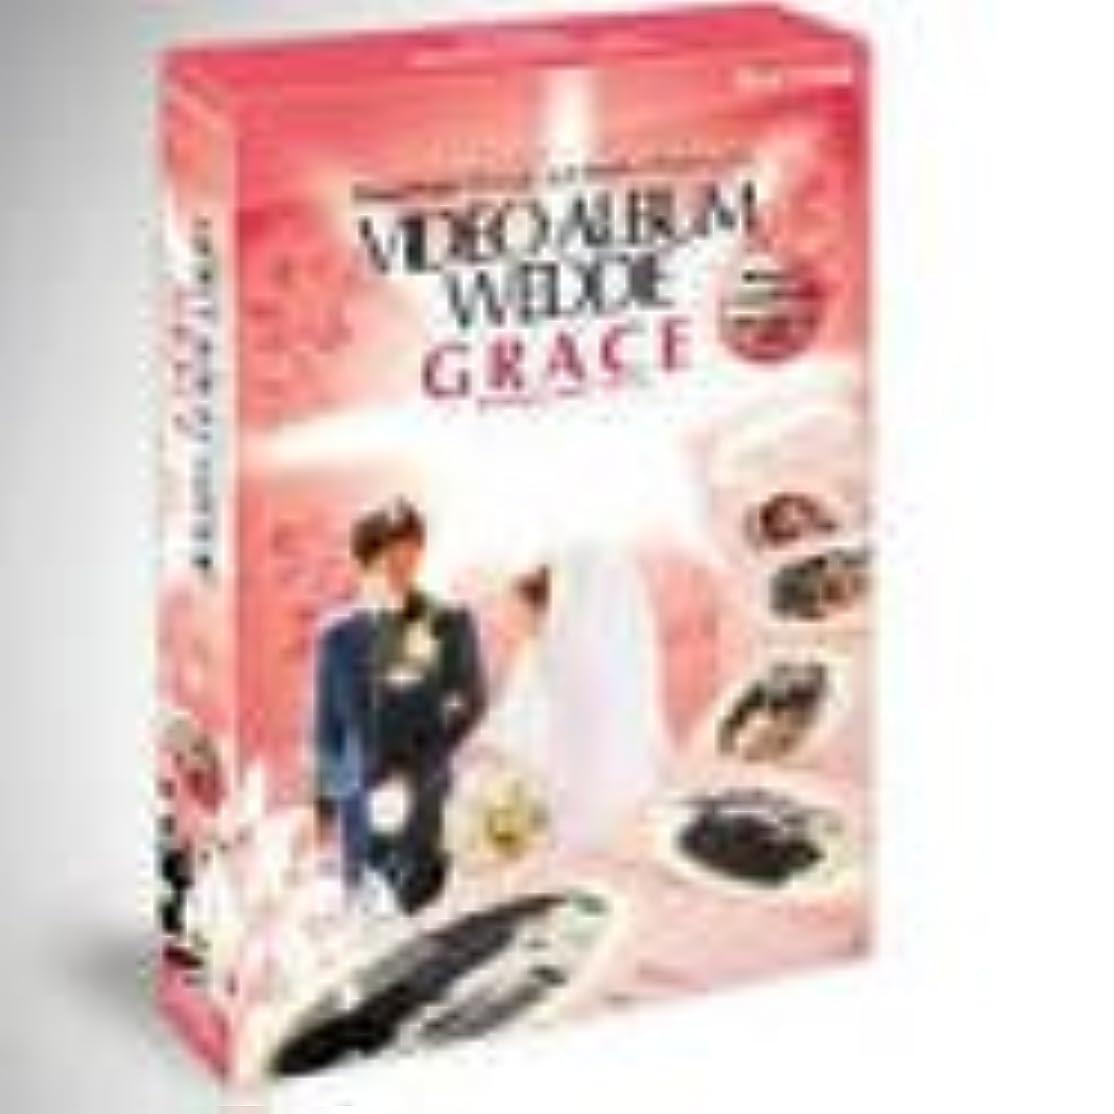 十代専門化する勉強するVideo Album Weddie Grace